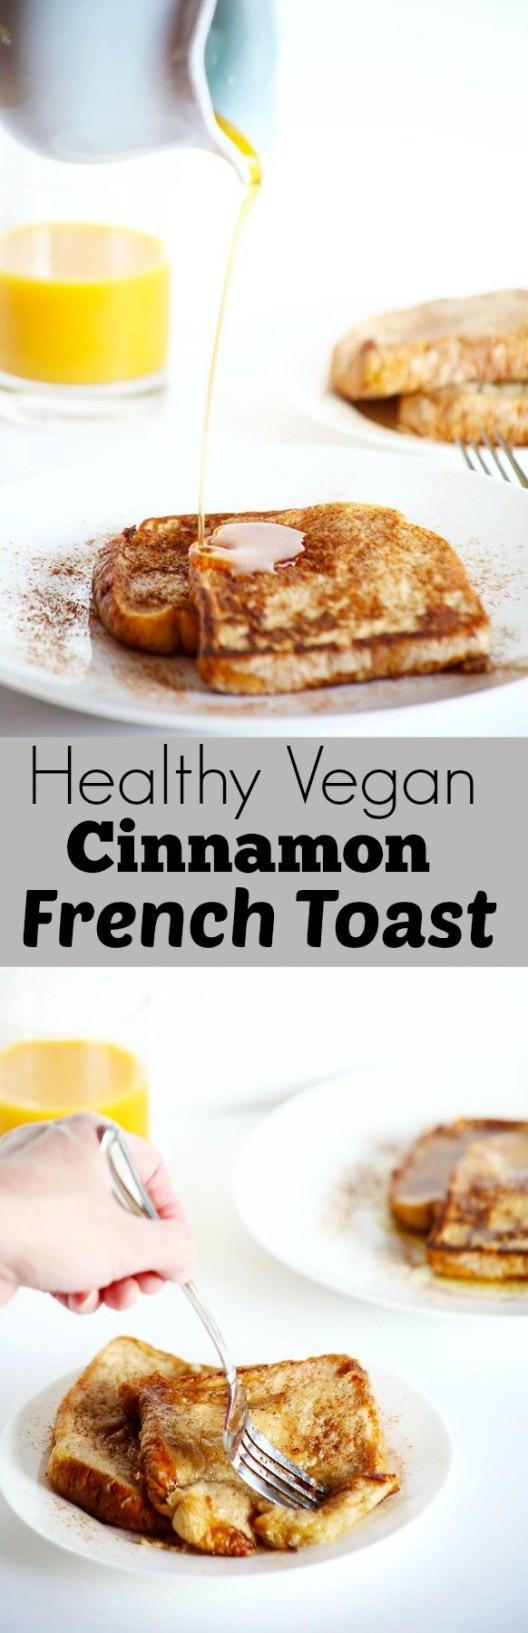 Healthy Weekend Breakfast  Healthy Vegan Cinnamon French Toast TwoRaspberries